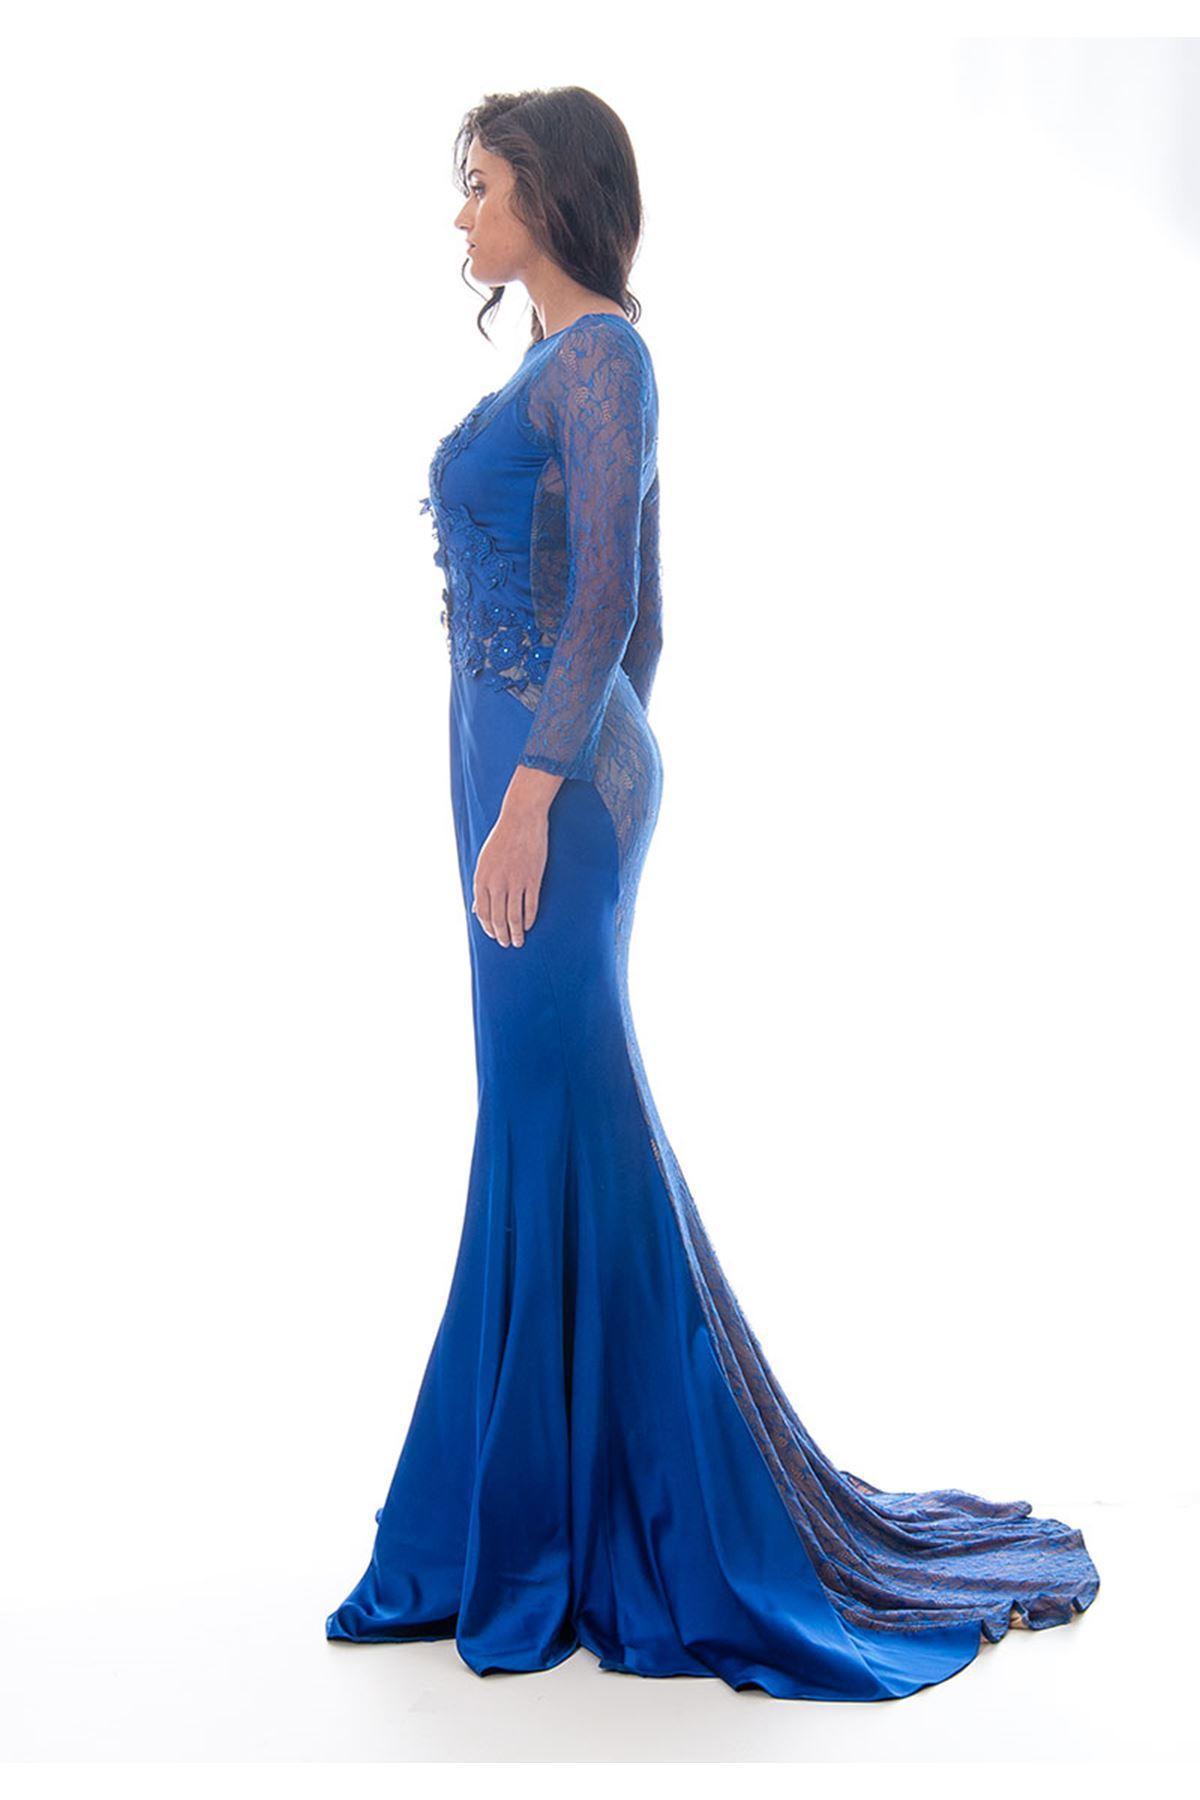 Saks Mavi Taş-Dantel Detaylı Abiye F1-120044